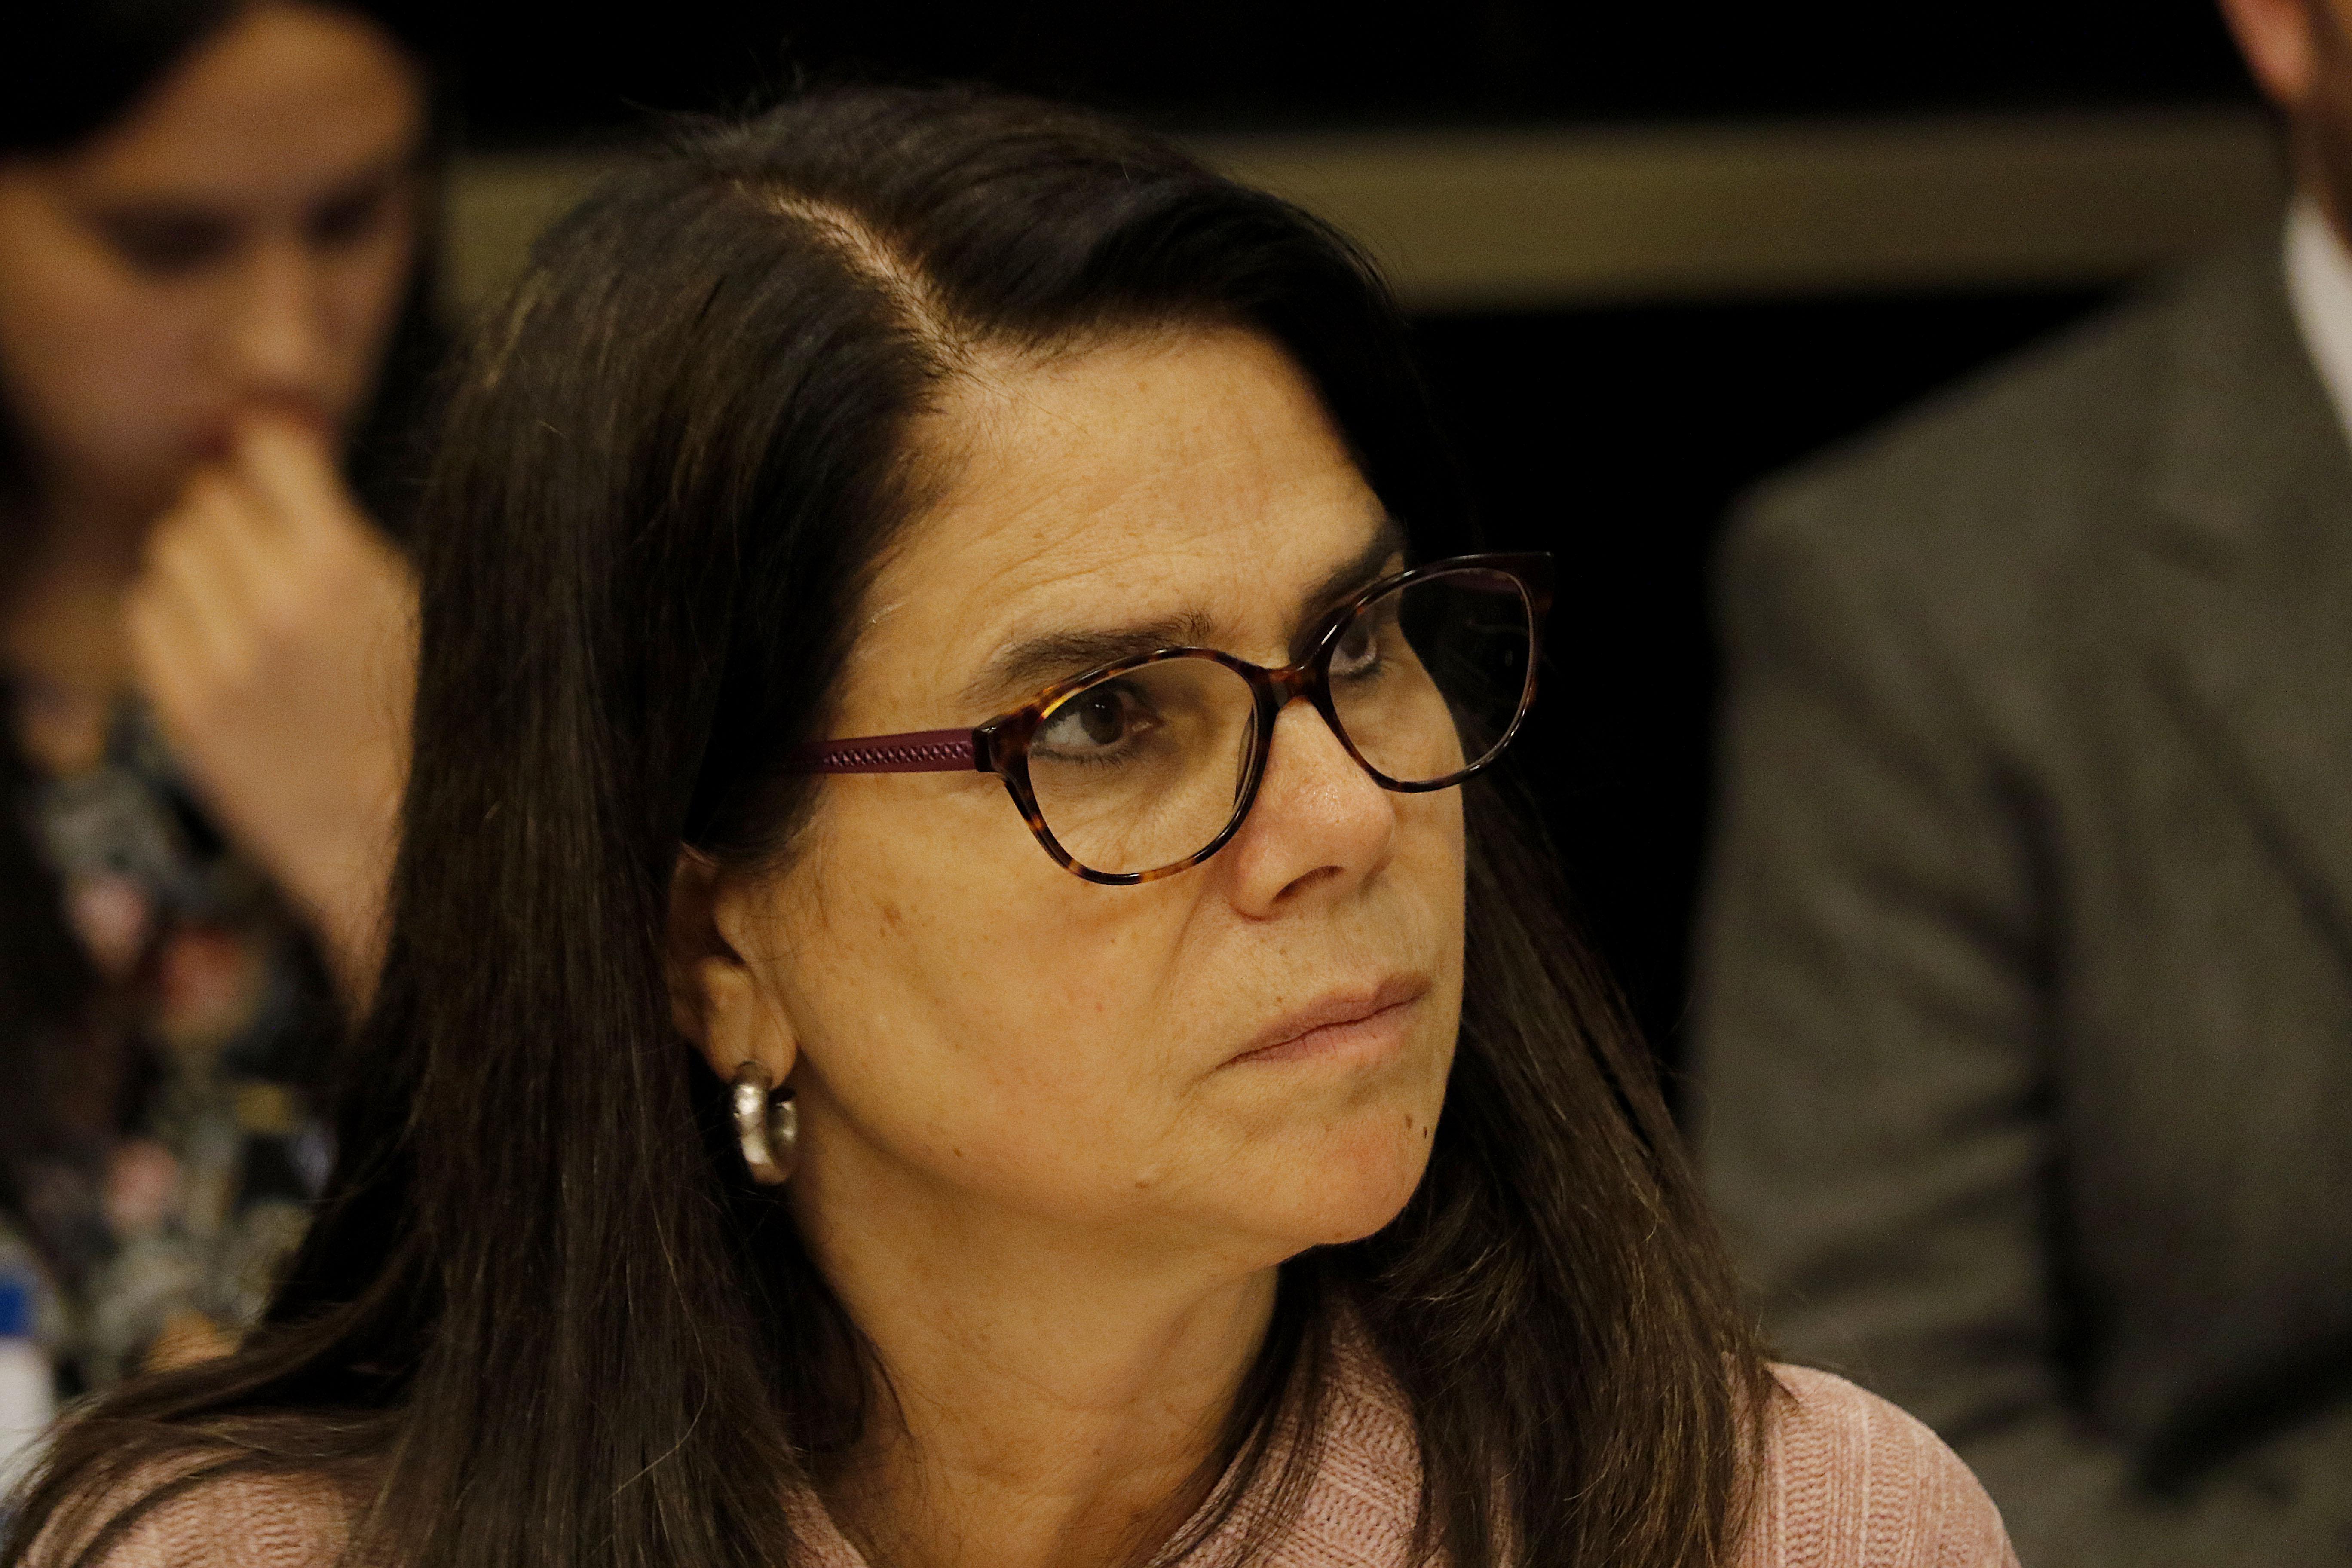 """Diputada Ossandón y venta de drogas por Grindr: """"La aplicación debe tomar medidas al respecto"""""""